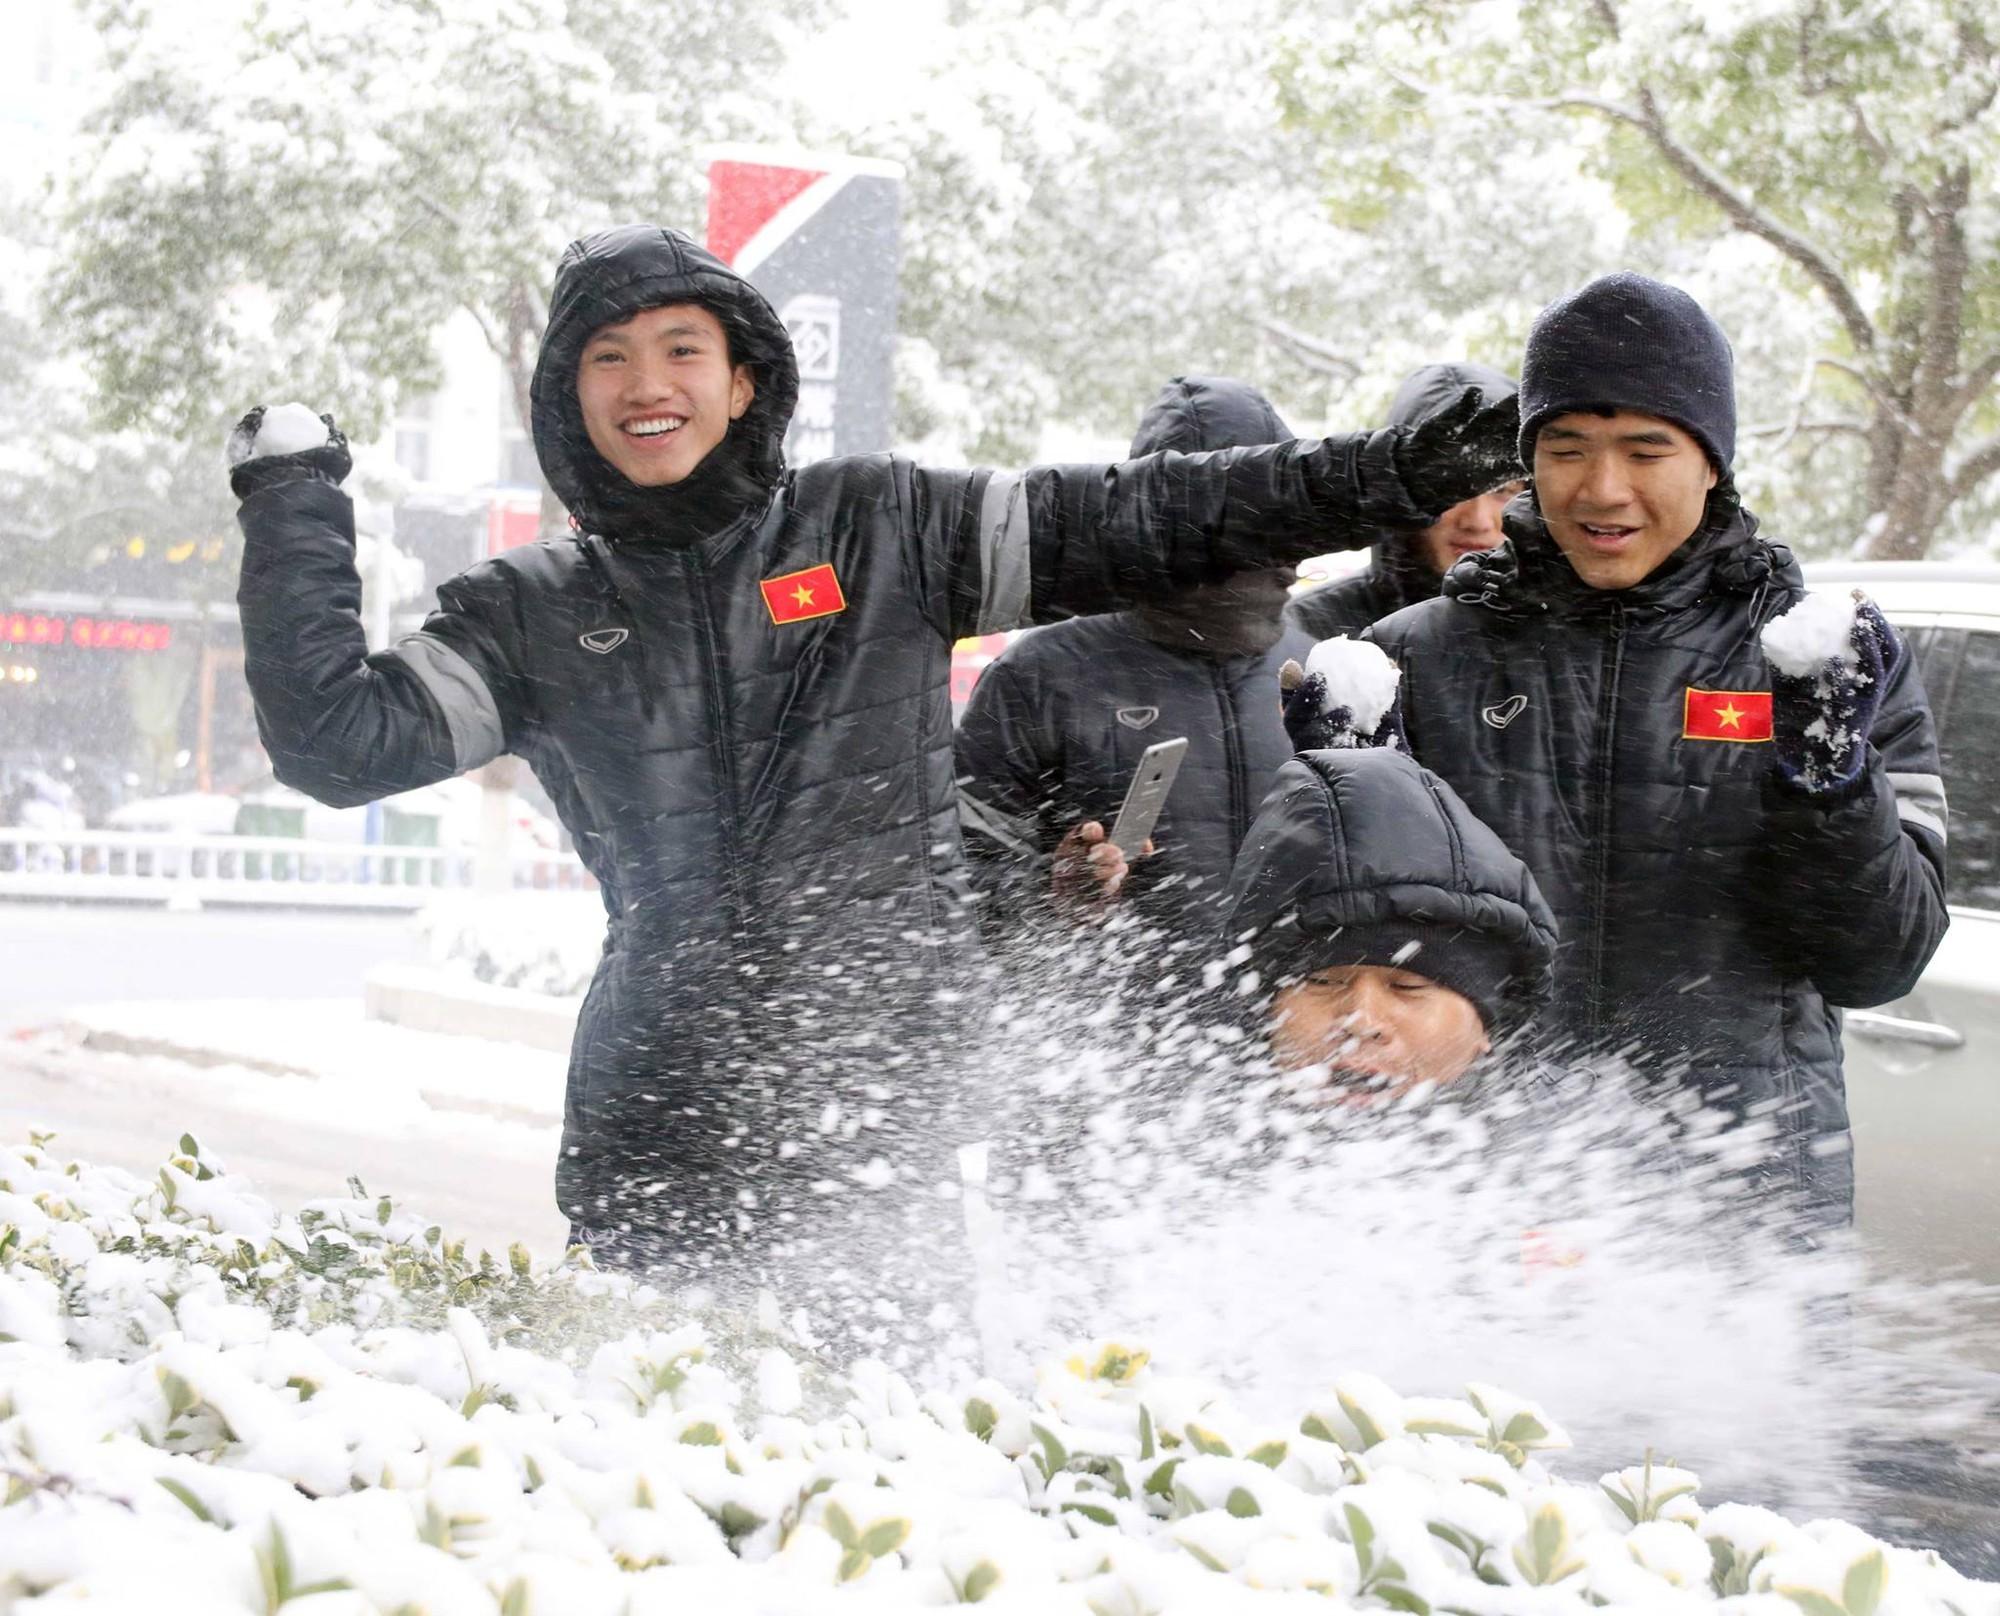 Tối nay 25/1/2018, U23 Việt Nam sẽ trở lại thời khóa biểu tập luyện để chuẩn bị cho trận đấu diễn ra vào lúc 15h00 ngày 27/1/2018. Dự kiến sẽ có tuyết rơi trong trận đấu. Ảnh: VFF.